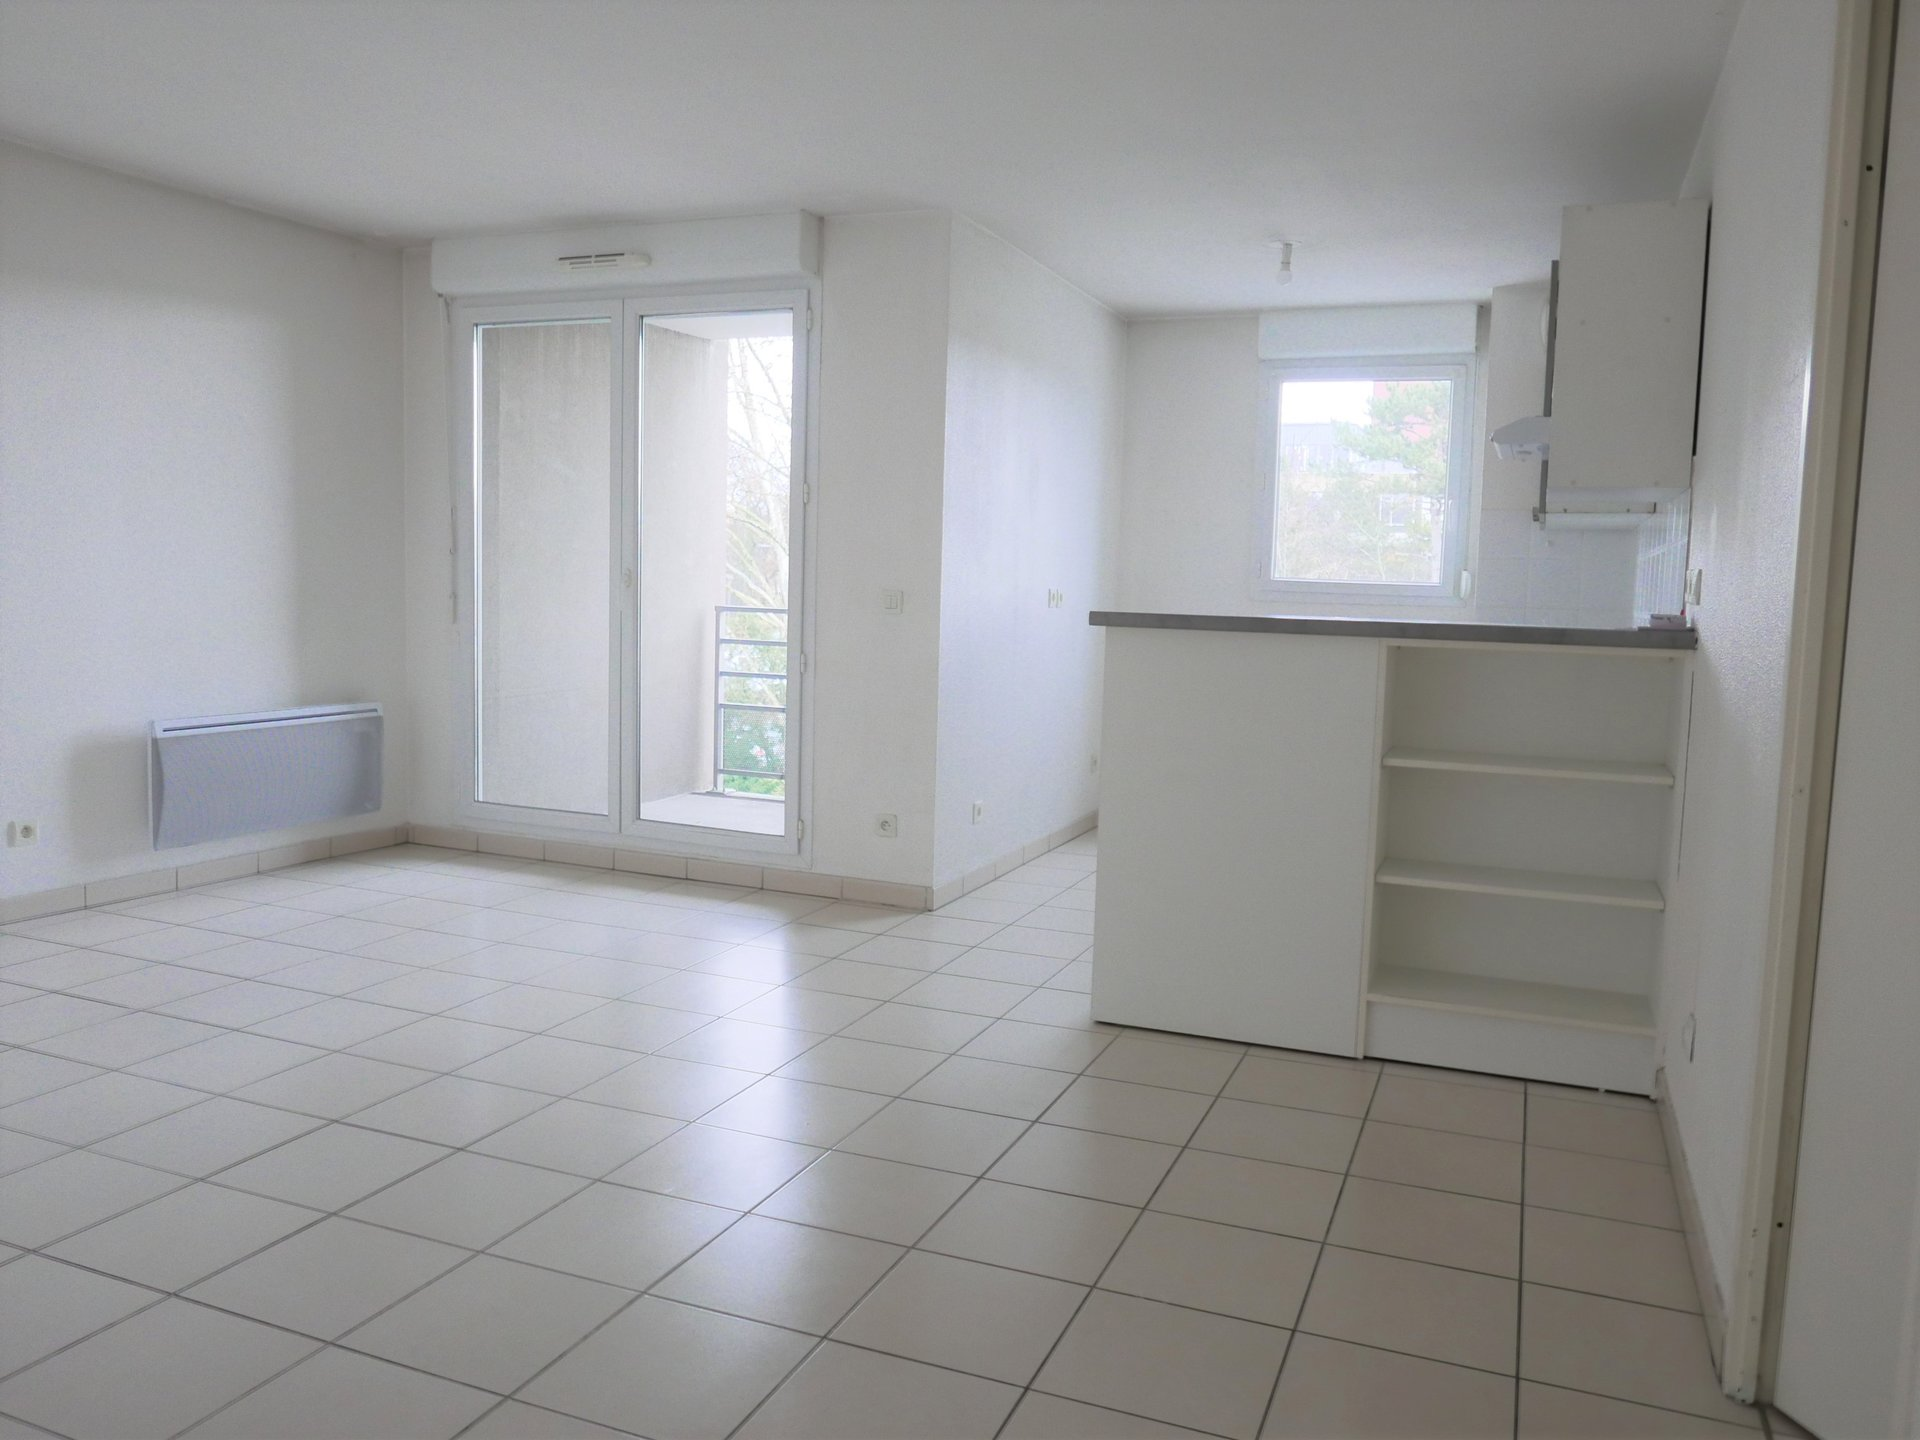 Achat Appartement Surface de 64.7 m²/ Total carrez : 64 m², 3 pièces, Vénissieux (69200)